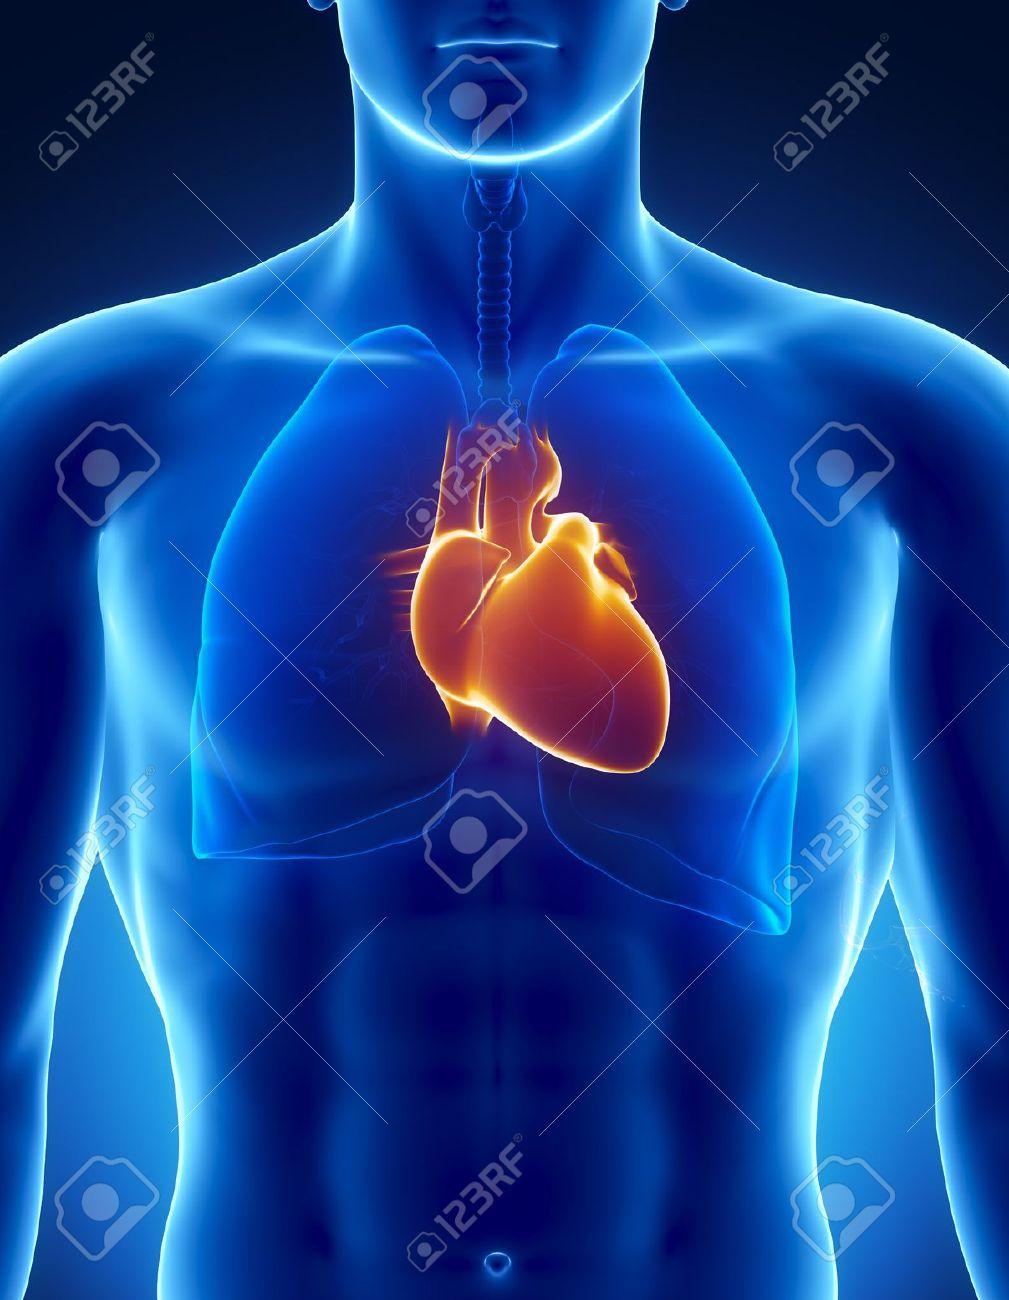 Männliche Anatomie Menschlicher Organe In Der X-ray-Ansicht ...